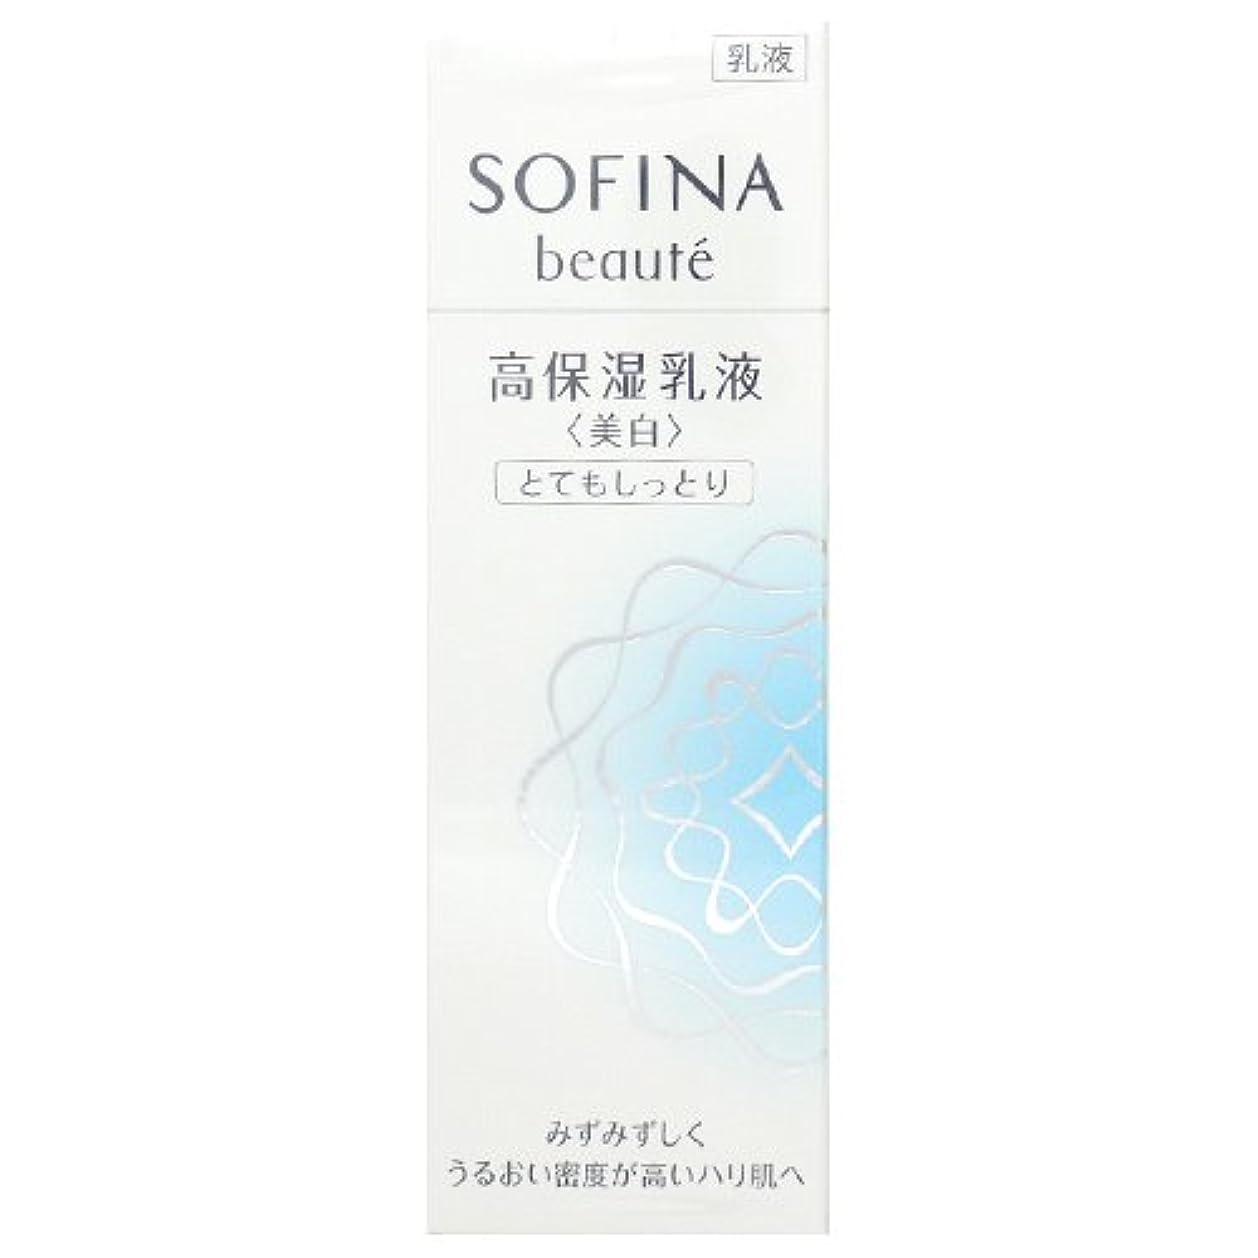 スチール枝盆地花王 ソフィーナ ボーテ 高保湿乳液 美白 とてもしっとり 60g